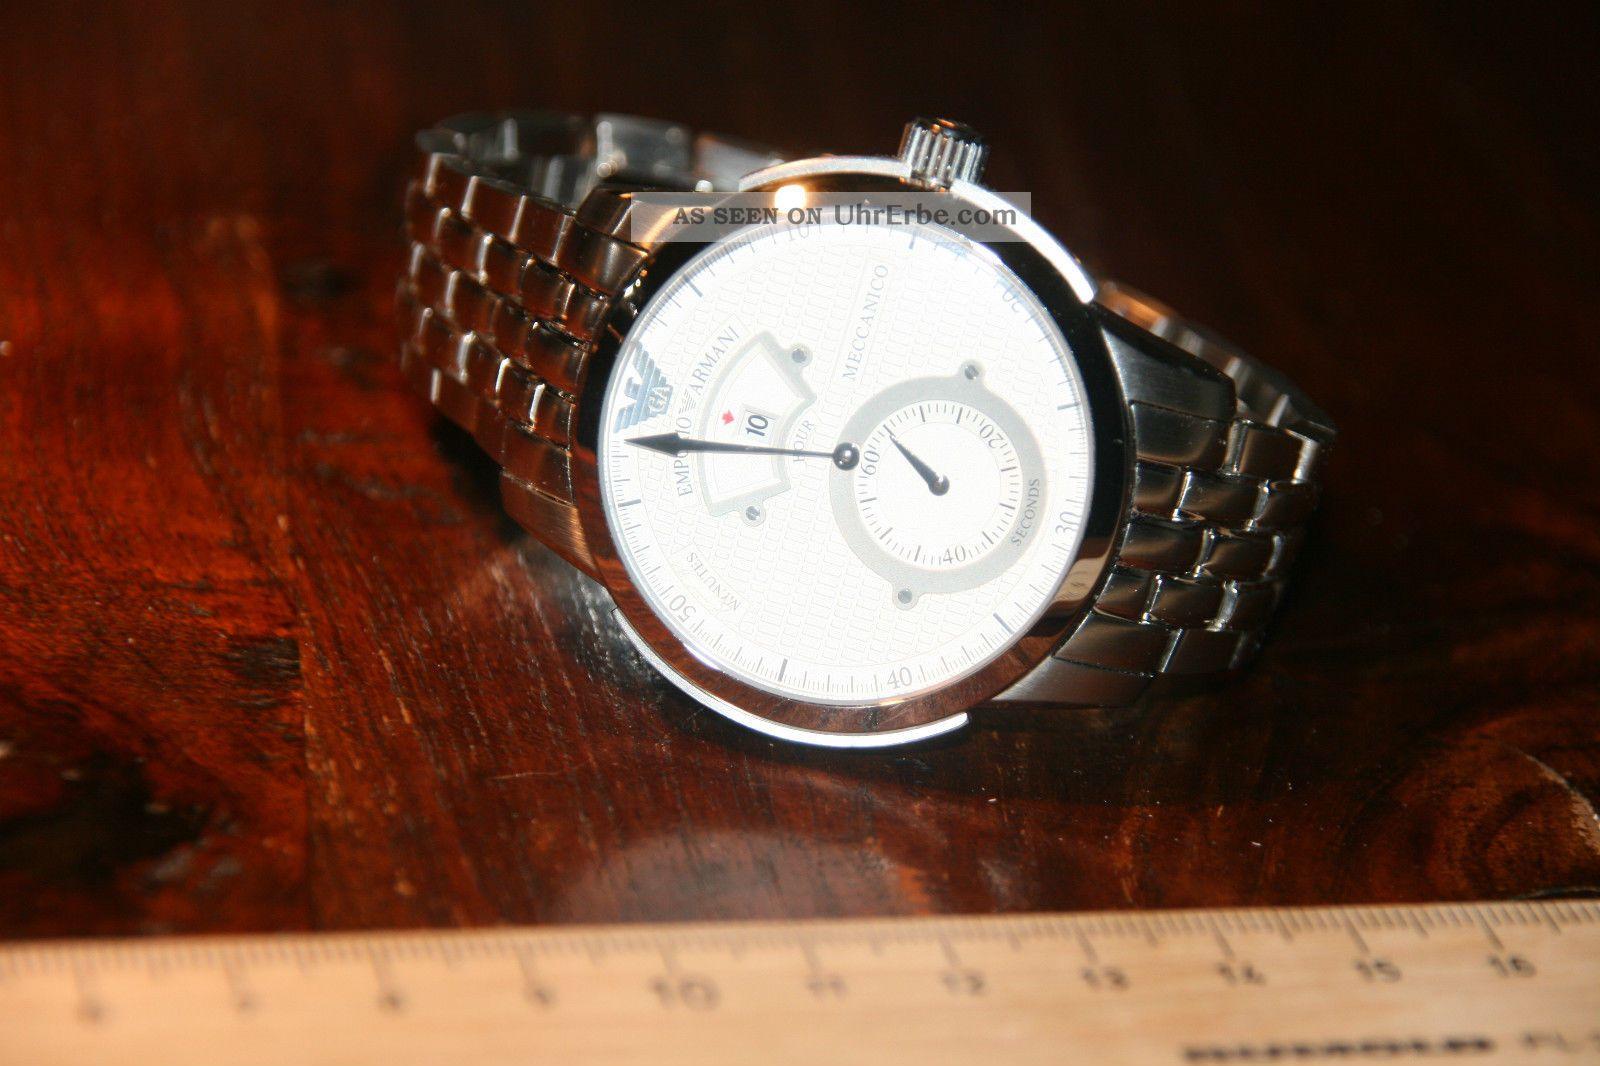 Emporio Armani Herrenarmbanduhr Armbanduhren Bild